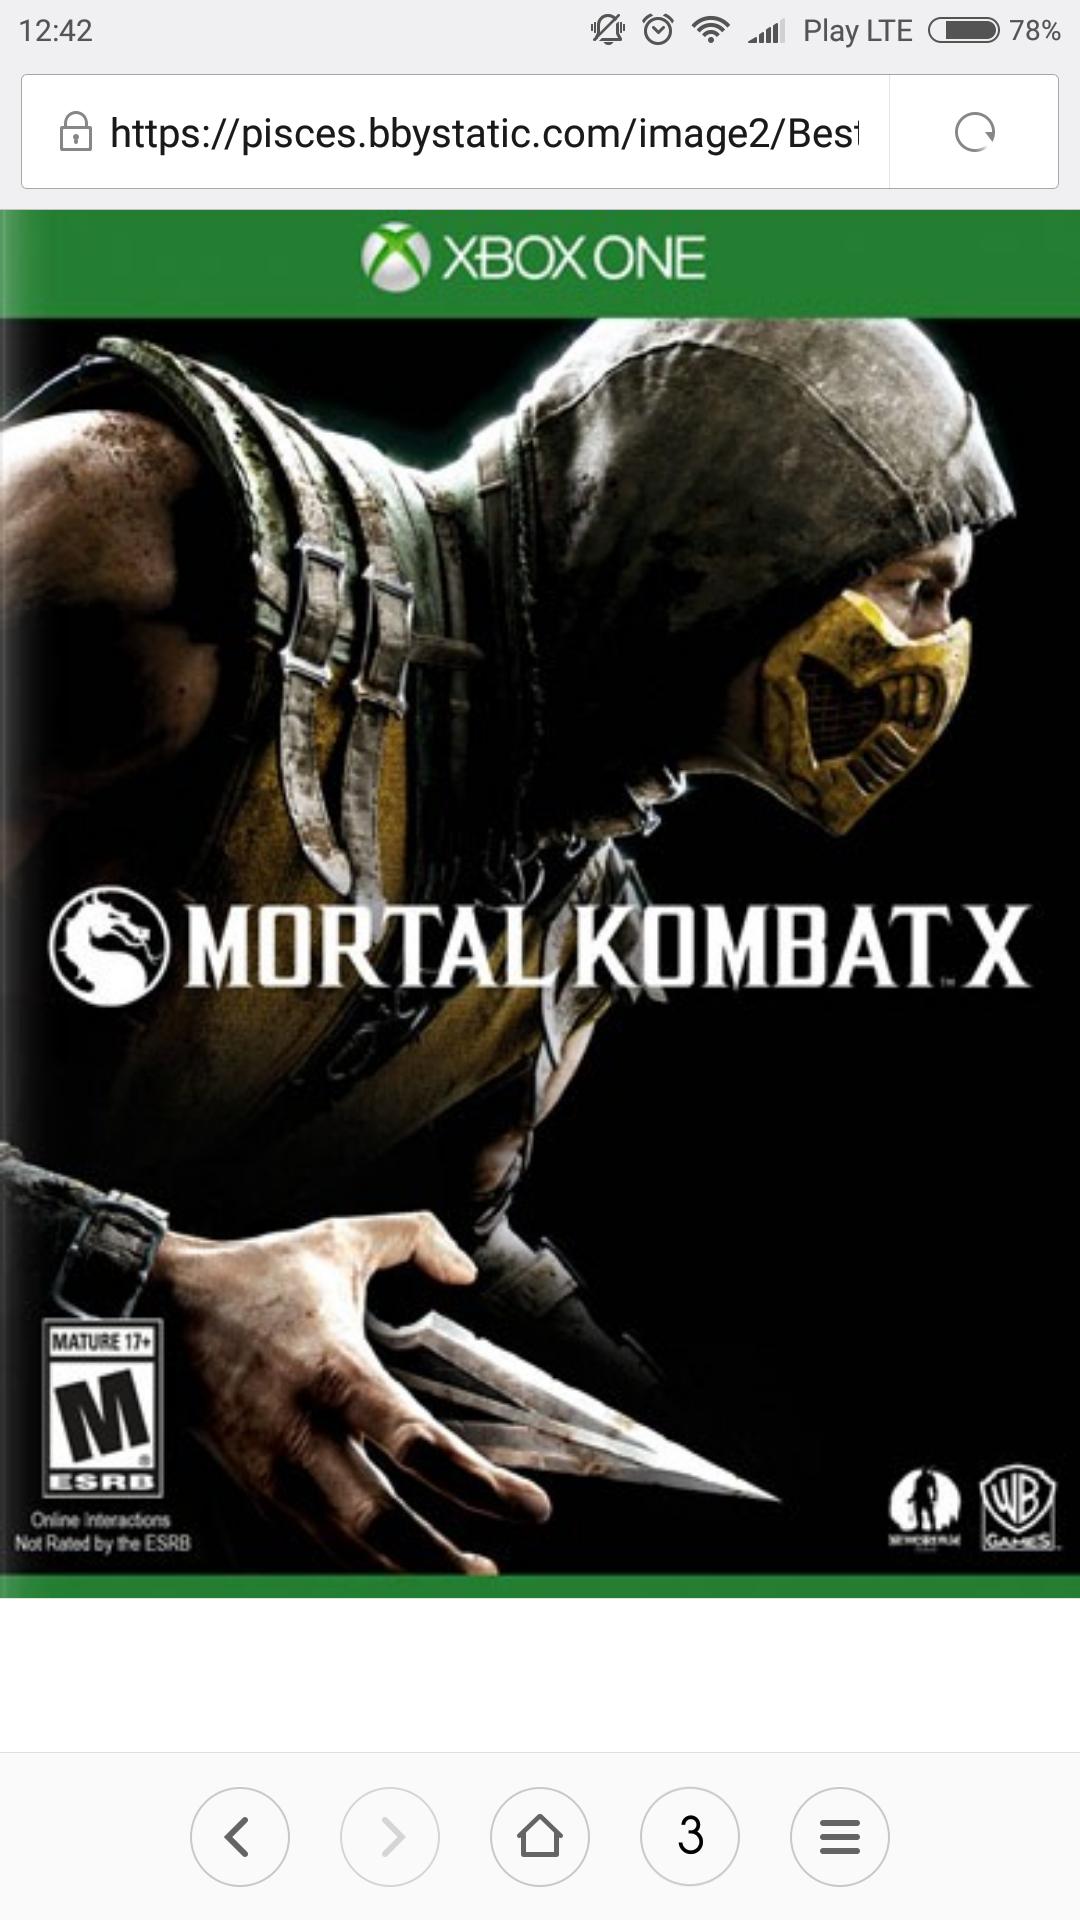 Mortal Kombat X Xbox One [Digital Code] 19,99$ (72pln)